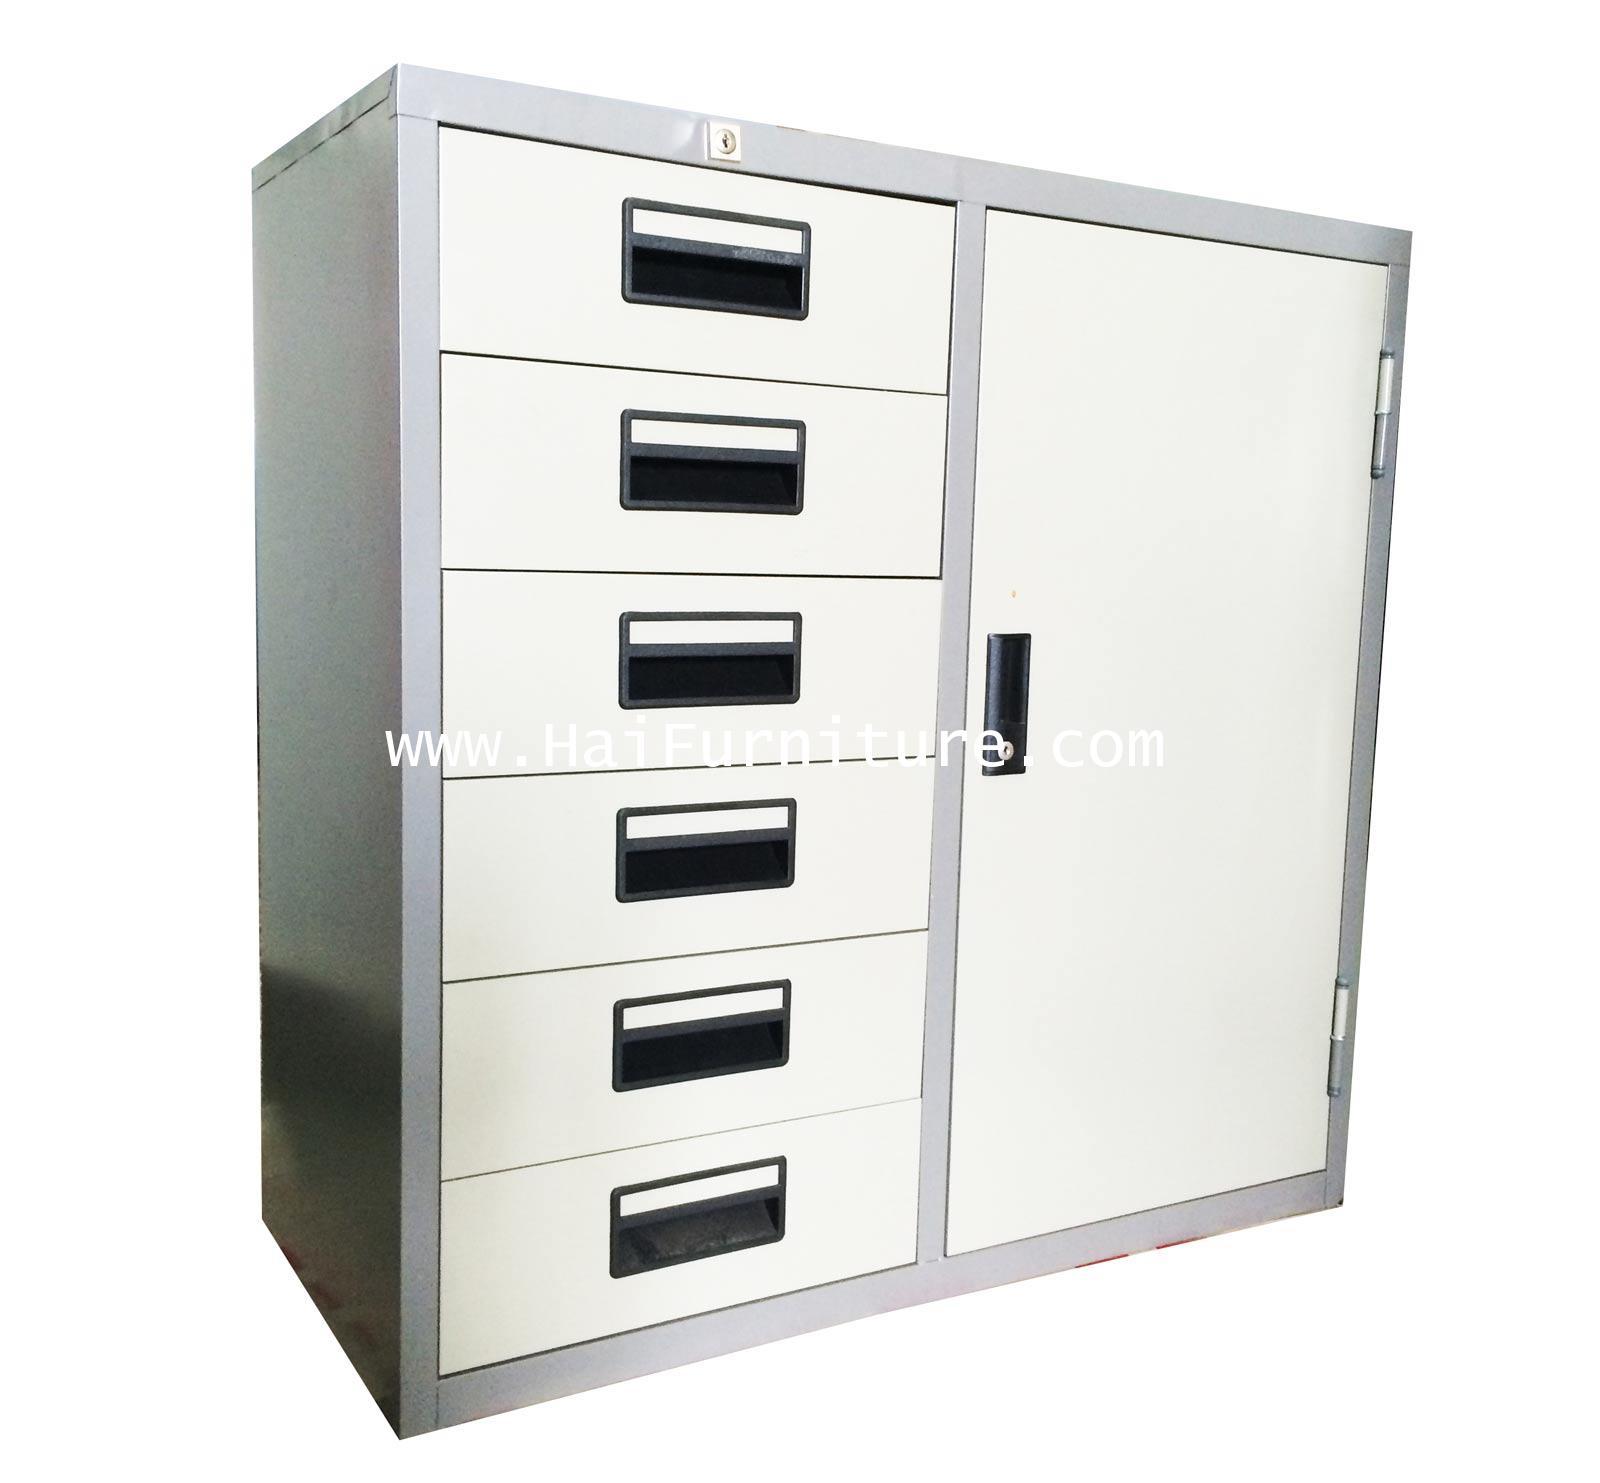 ตู้เหล็กรวม 1 บาน 6 ลิ้นชัก 3 ฟุต Grade B 91.2*40.5*87.4 ซม.